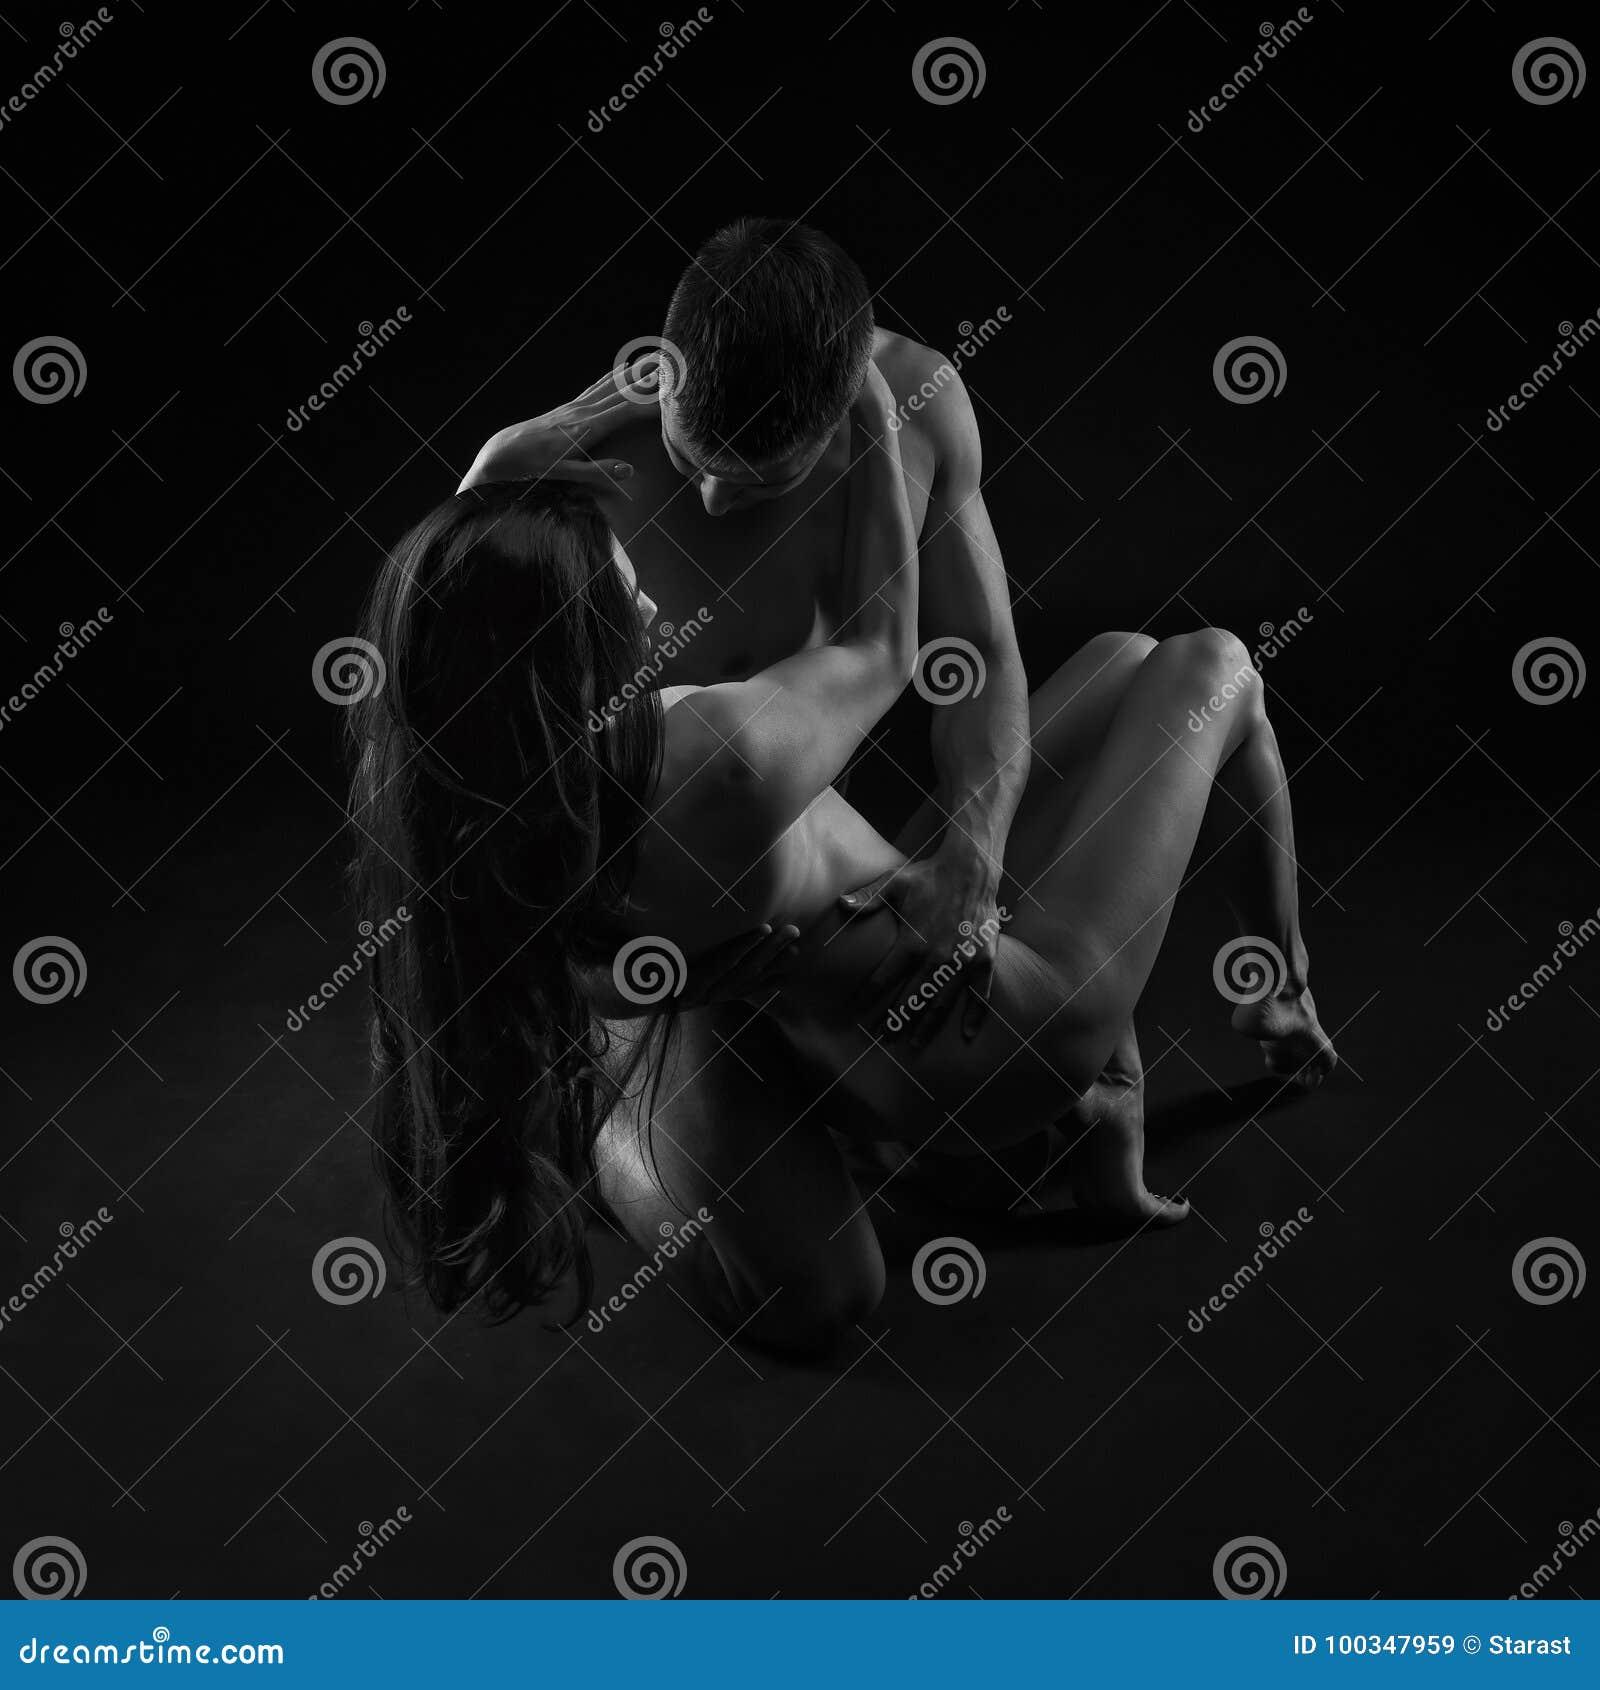 Обнаженные сексуальные пары